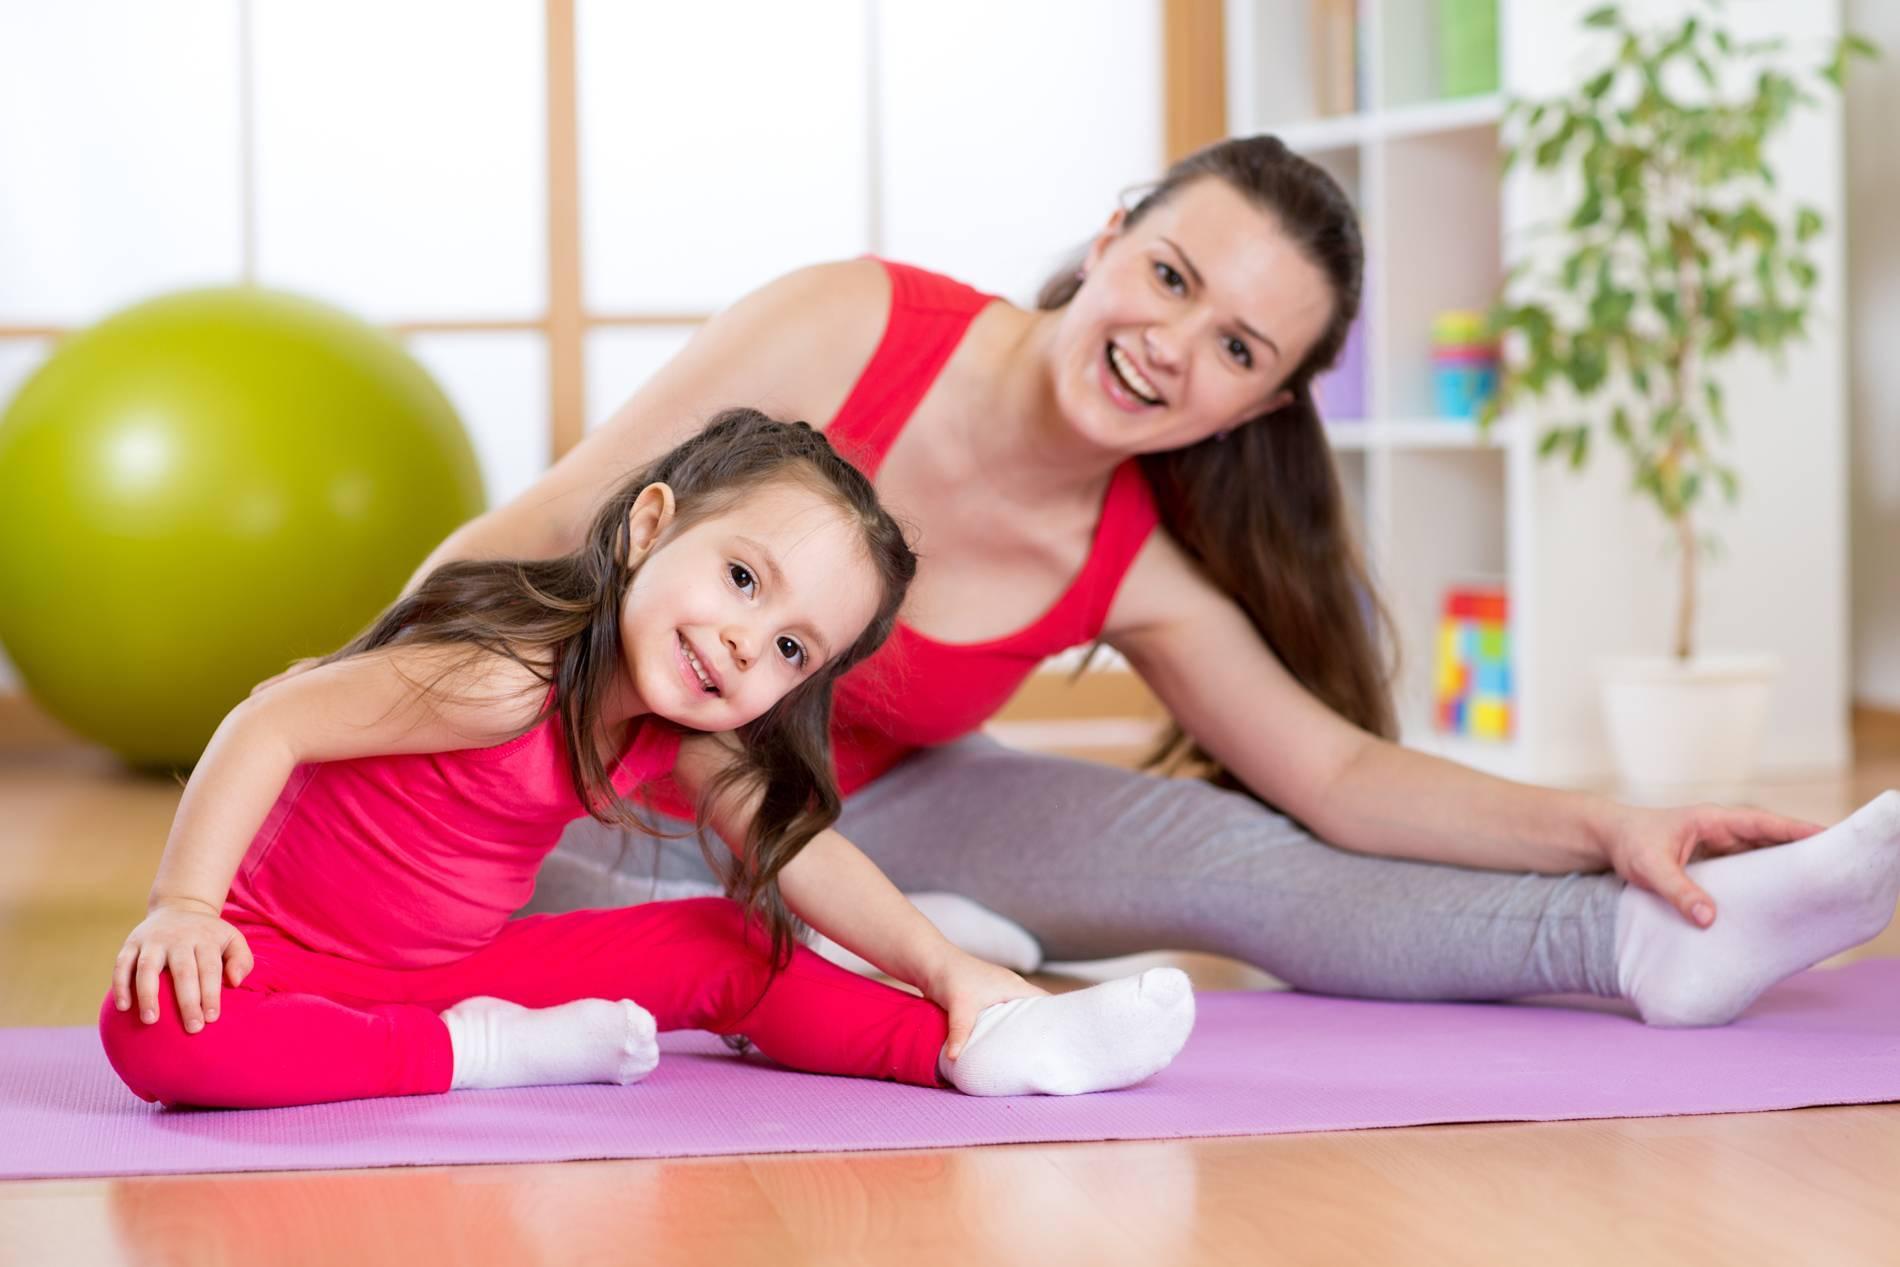 Занятия фитнесом для молодой мамы с грудным ребёнком: условия, упражнения, польза